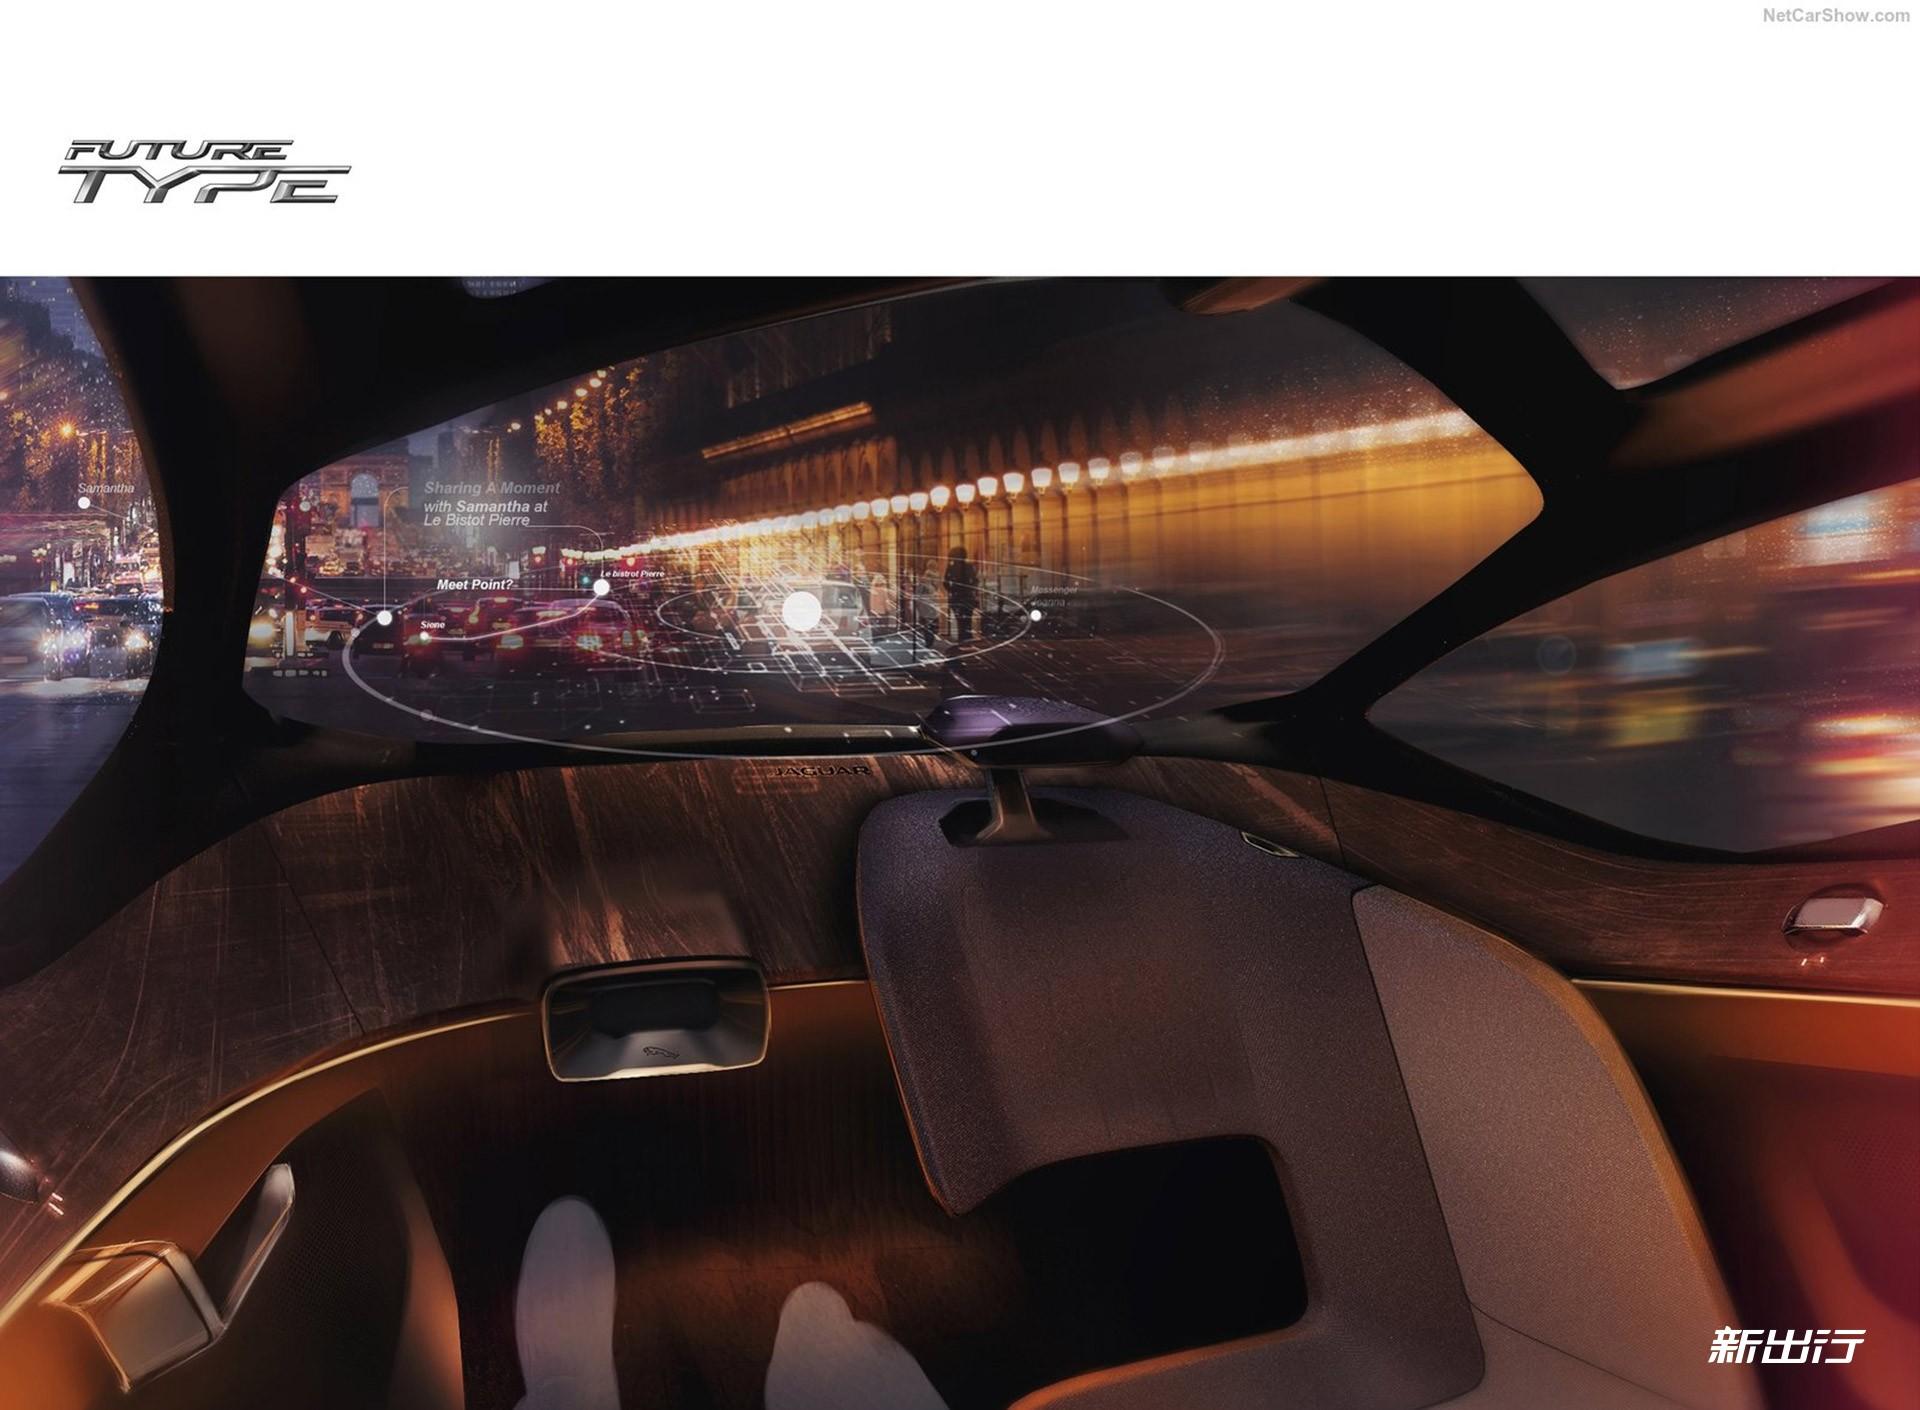 9-捷豹Future-Type概念车.jpg